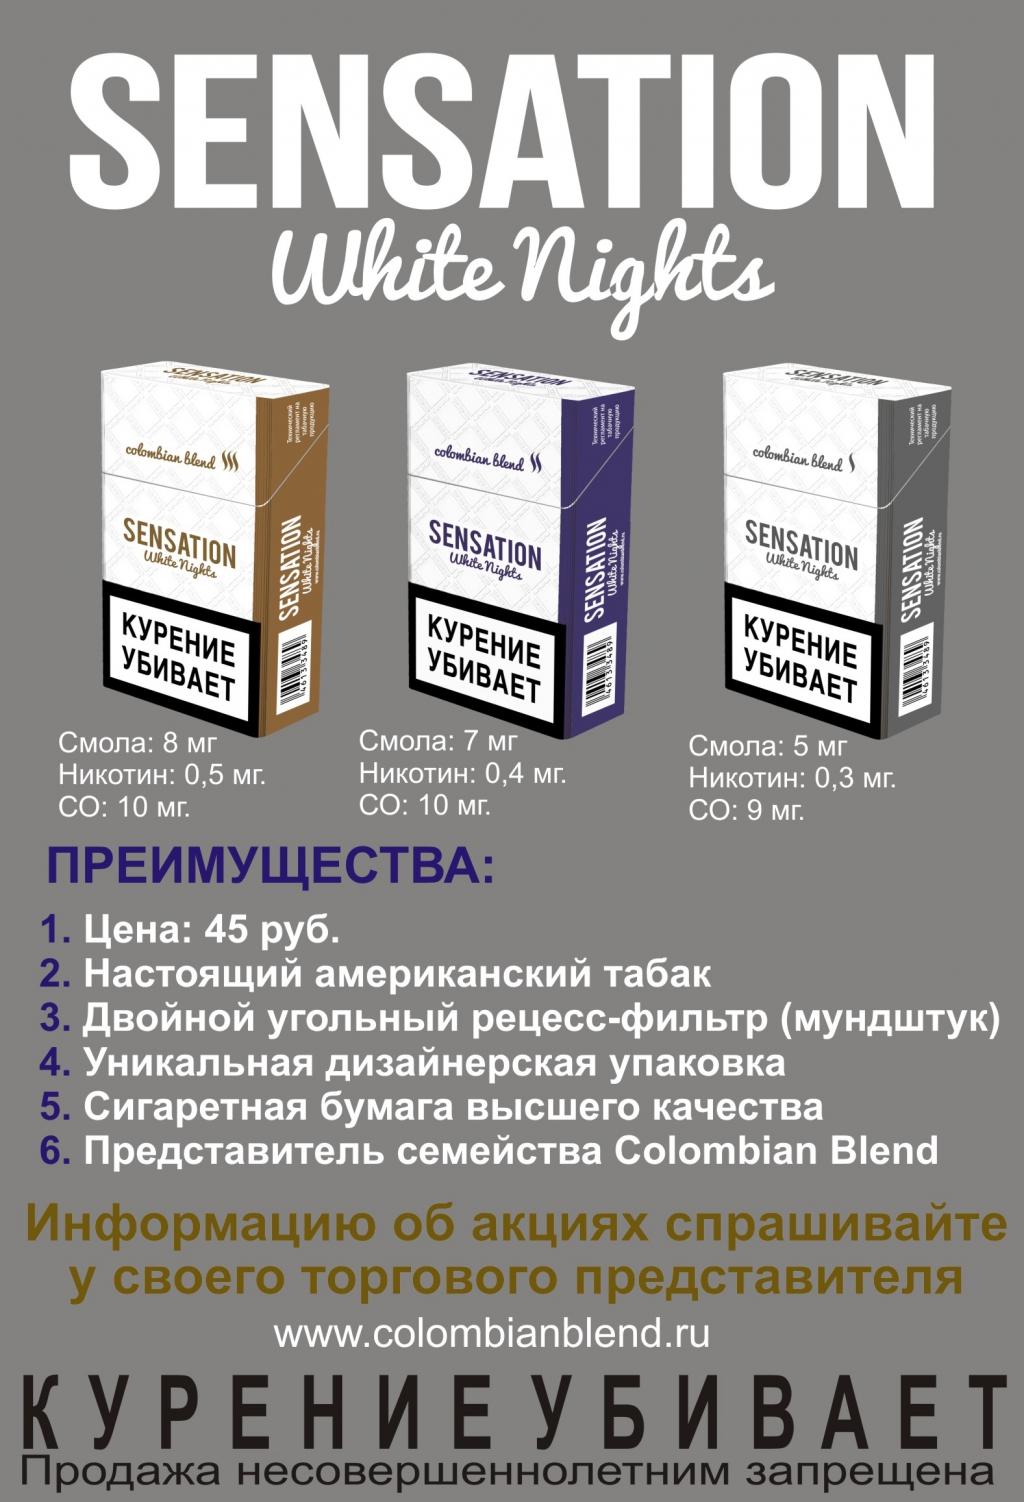 Купить сигареты sensation вакансия продавца табачных изделий